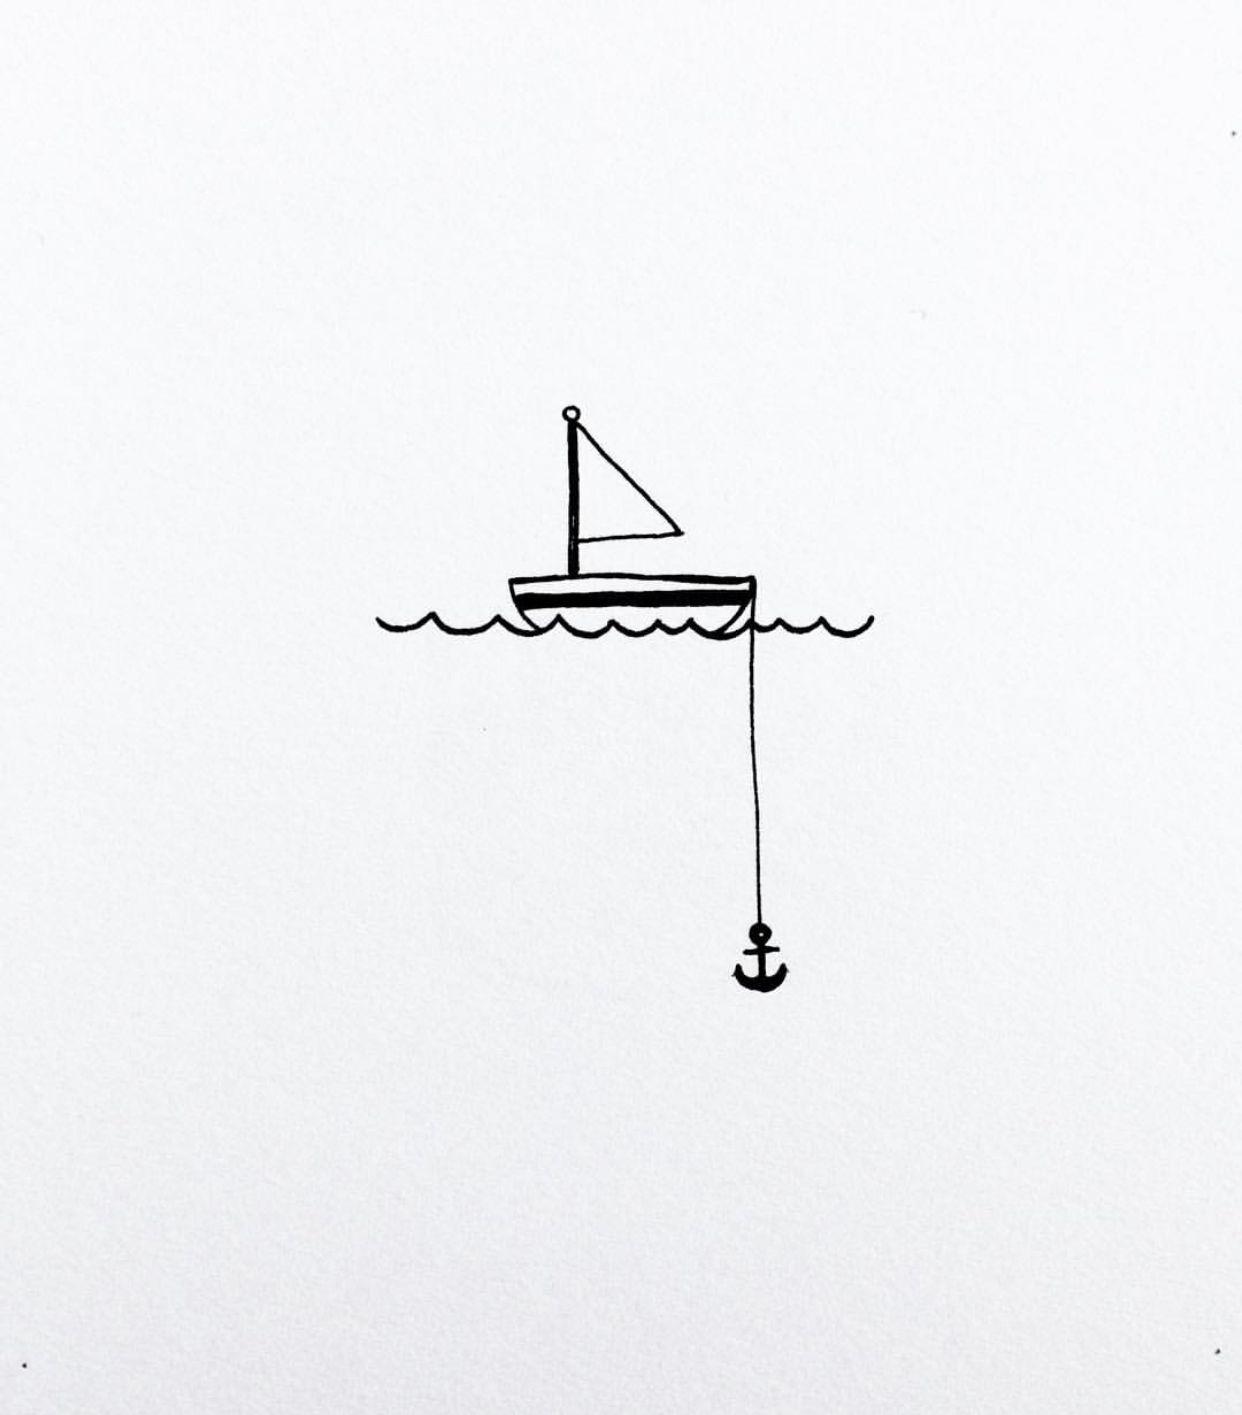 Super Cute Drawing Idea I Love These Super Simple But Cute Scenes